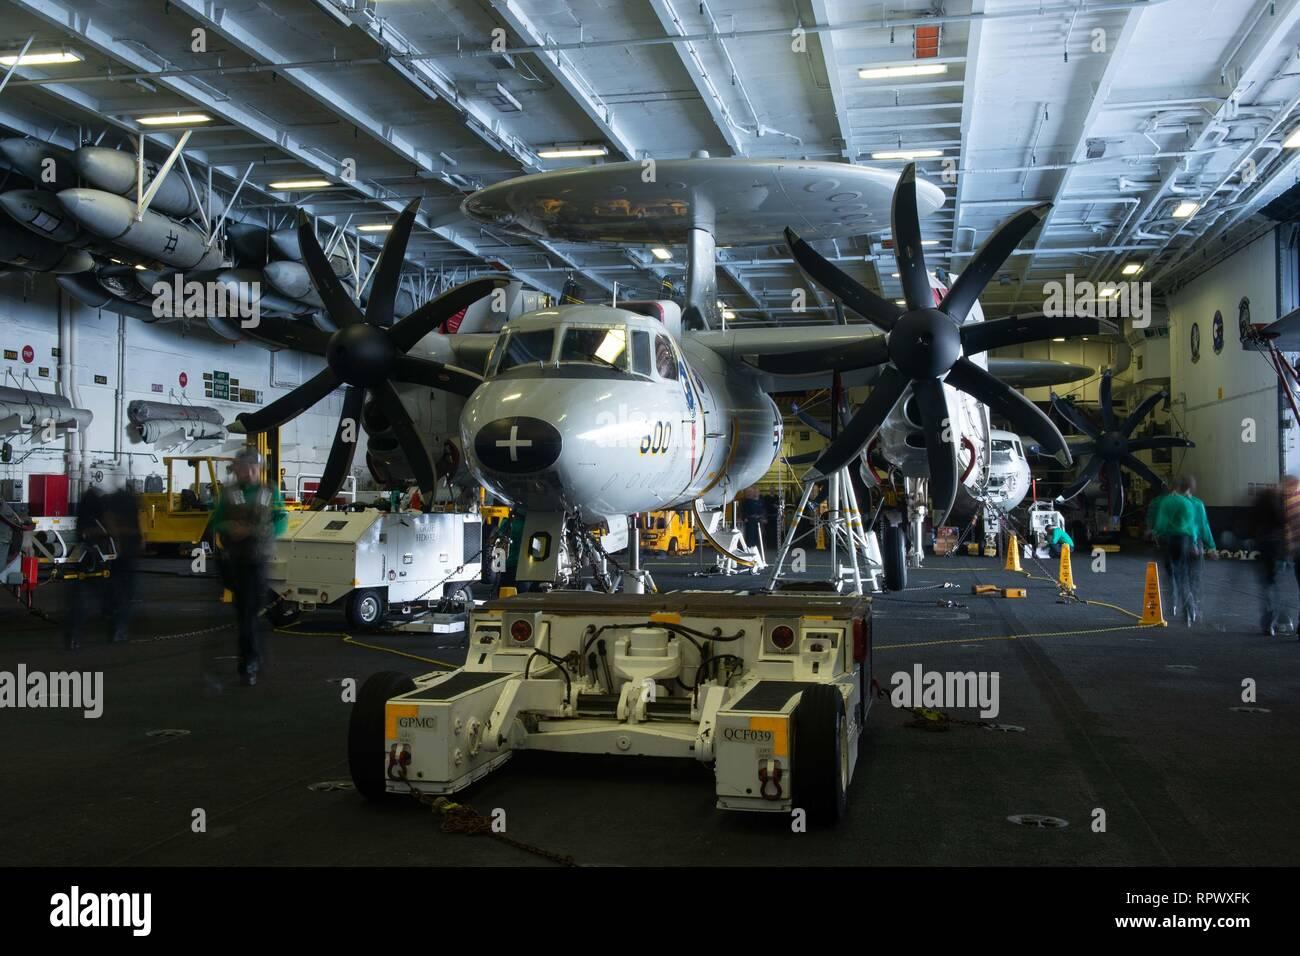 Les marins de la marine américaine en commun autour d'un E-2C Hawkeye, affecté à l'Escadron aéroporté de détection lointaine de l'opérateur (VFF) 117, dans la zone à bord du porte-avions USS JOHN C. STENNIS (CVN 74) dans l'océan Pacifique, le 19 février, 2019. Le John C. Stennis est déployé pour la 7è zone des opérations de la flotte à l'appui de la sécurité et de la stabilité dans la région Indo-Pacifique. (U.S. Photo par marine Spécialiste de la communication de masse Seaman Apprentice Jordanie Ripley) Photo Stock